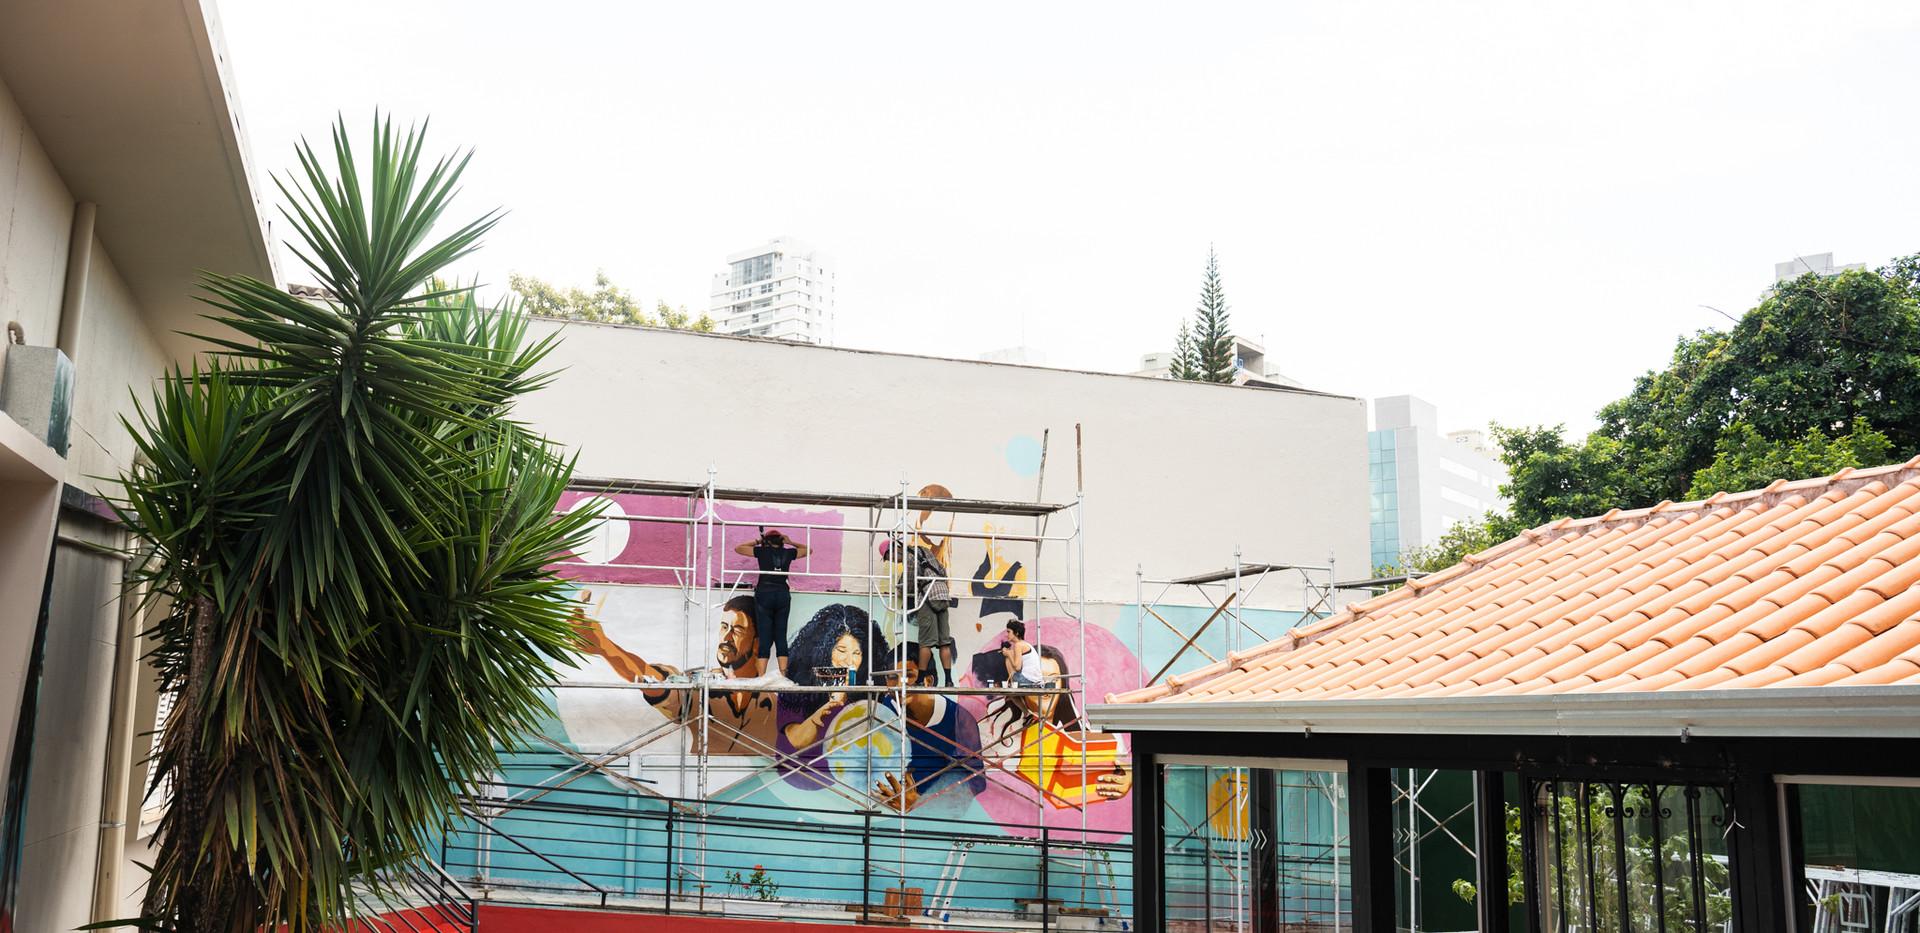 Priscapaes - Mural - 18-03-20 (1).jpg